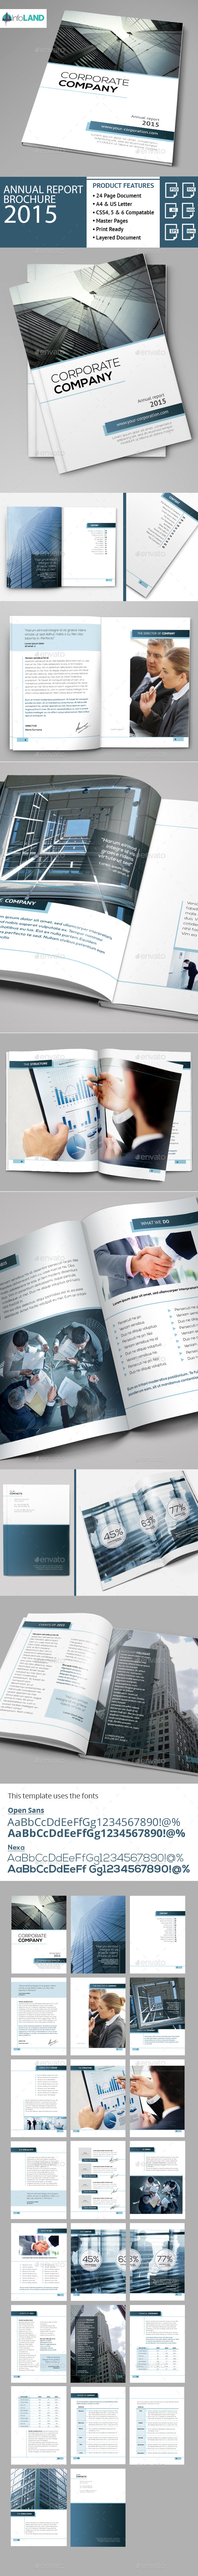 GraphicRiver Annual Report Brochure 2015 11298766